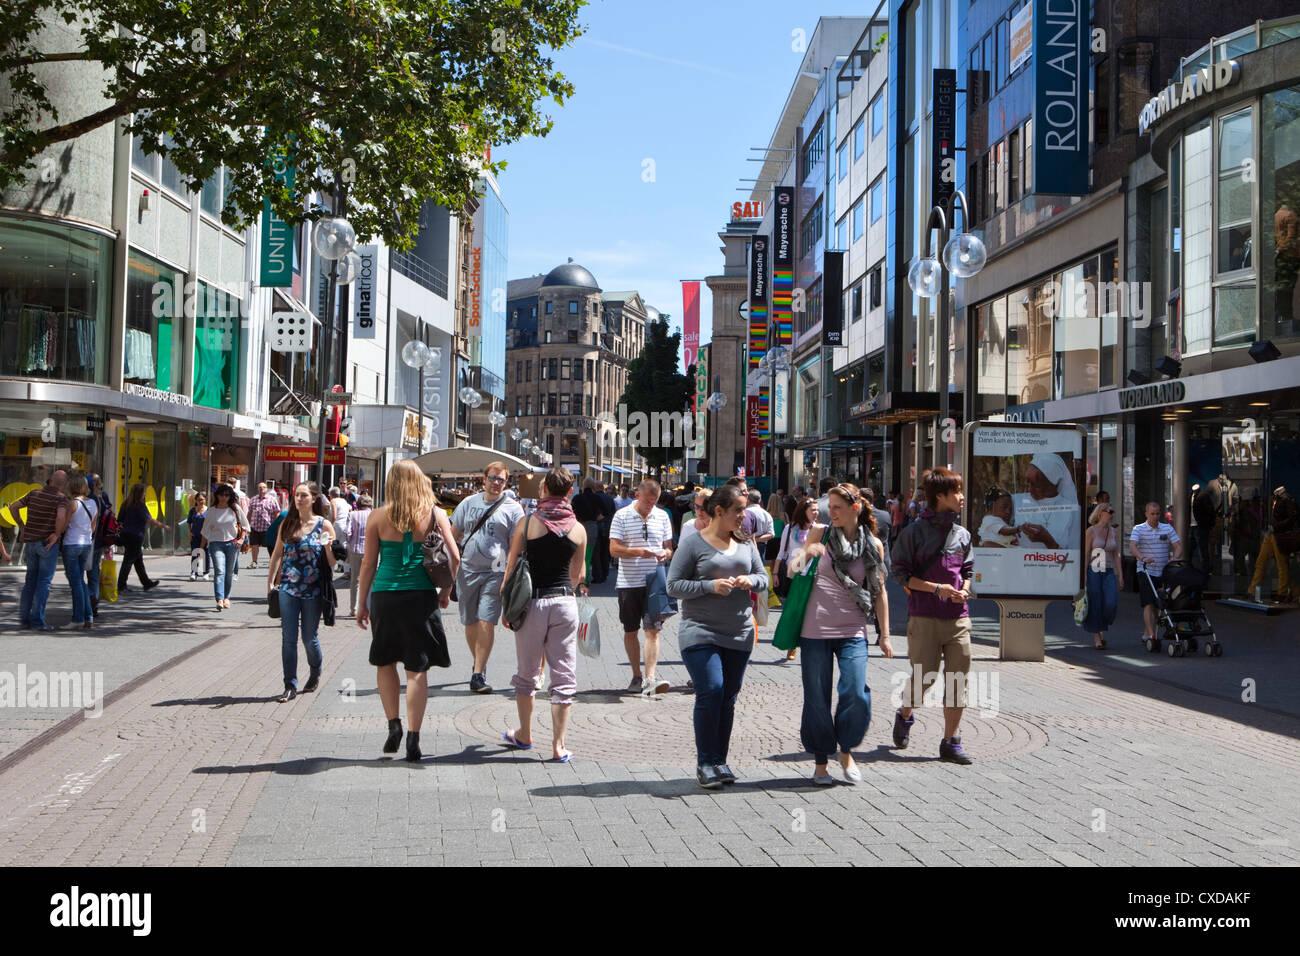 Los peatones en el centro de la ciudad de Colonia, Schildergasse, Renania del Norte-Westfalia, Alemania Imagen De Stock